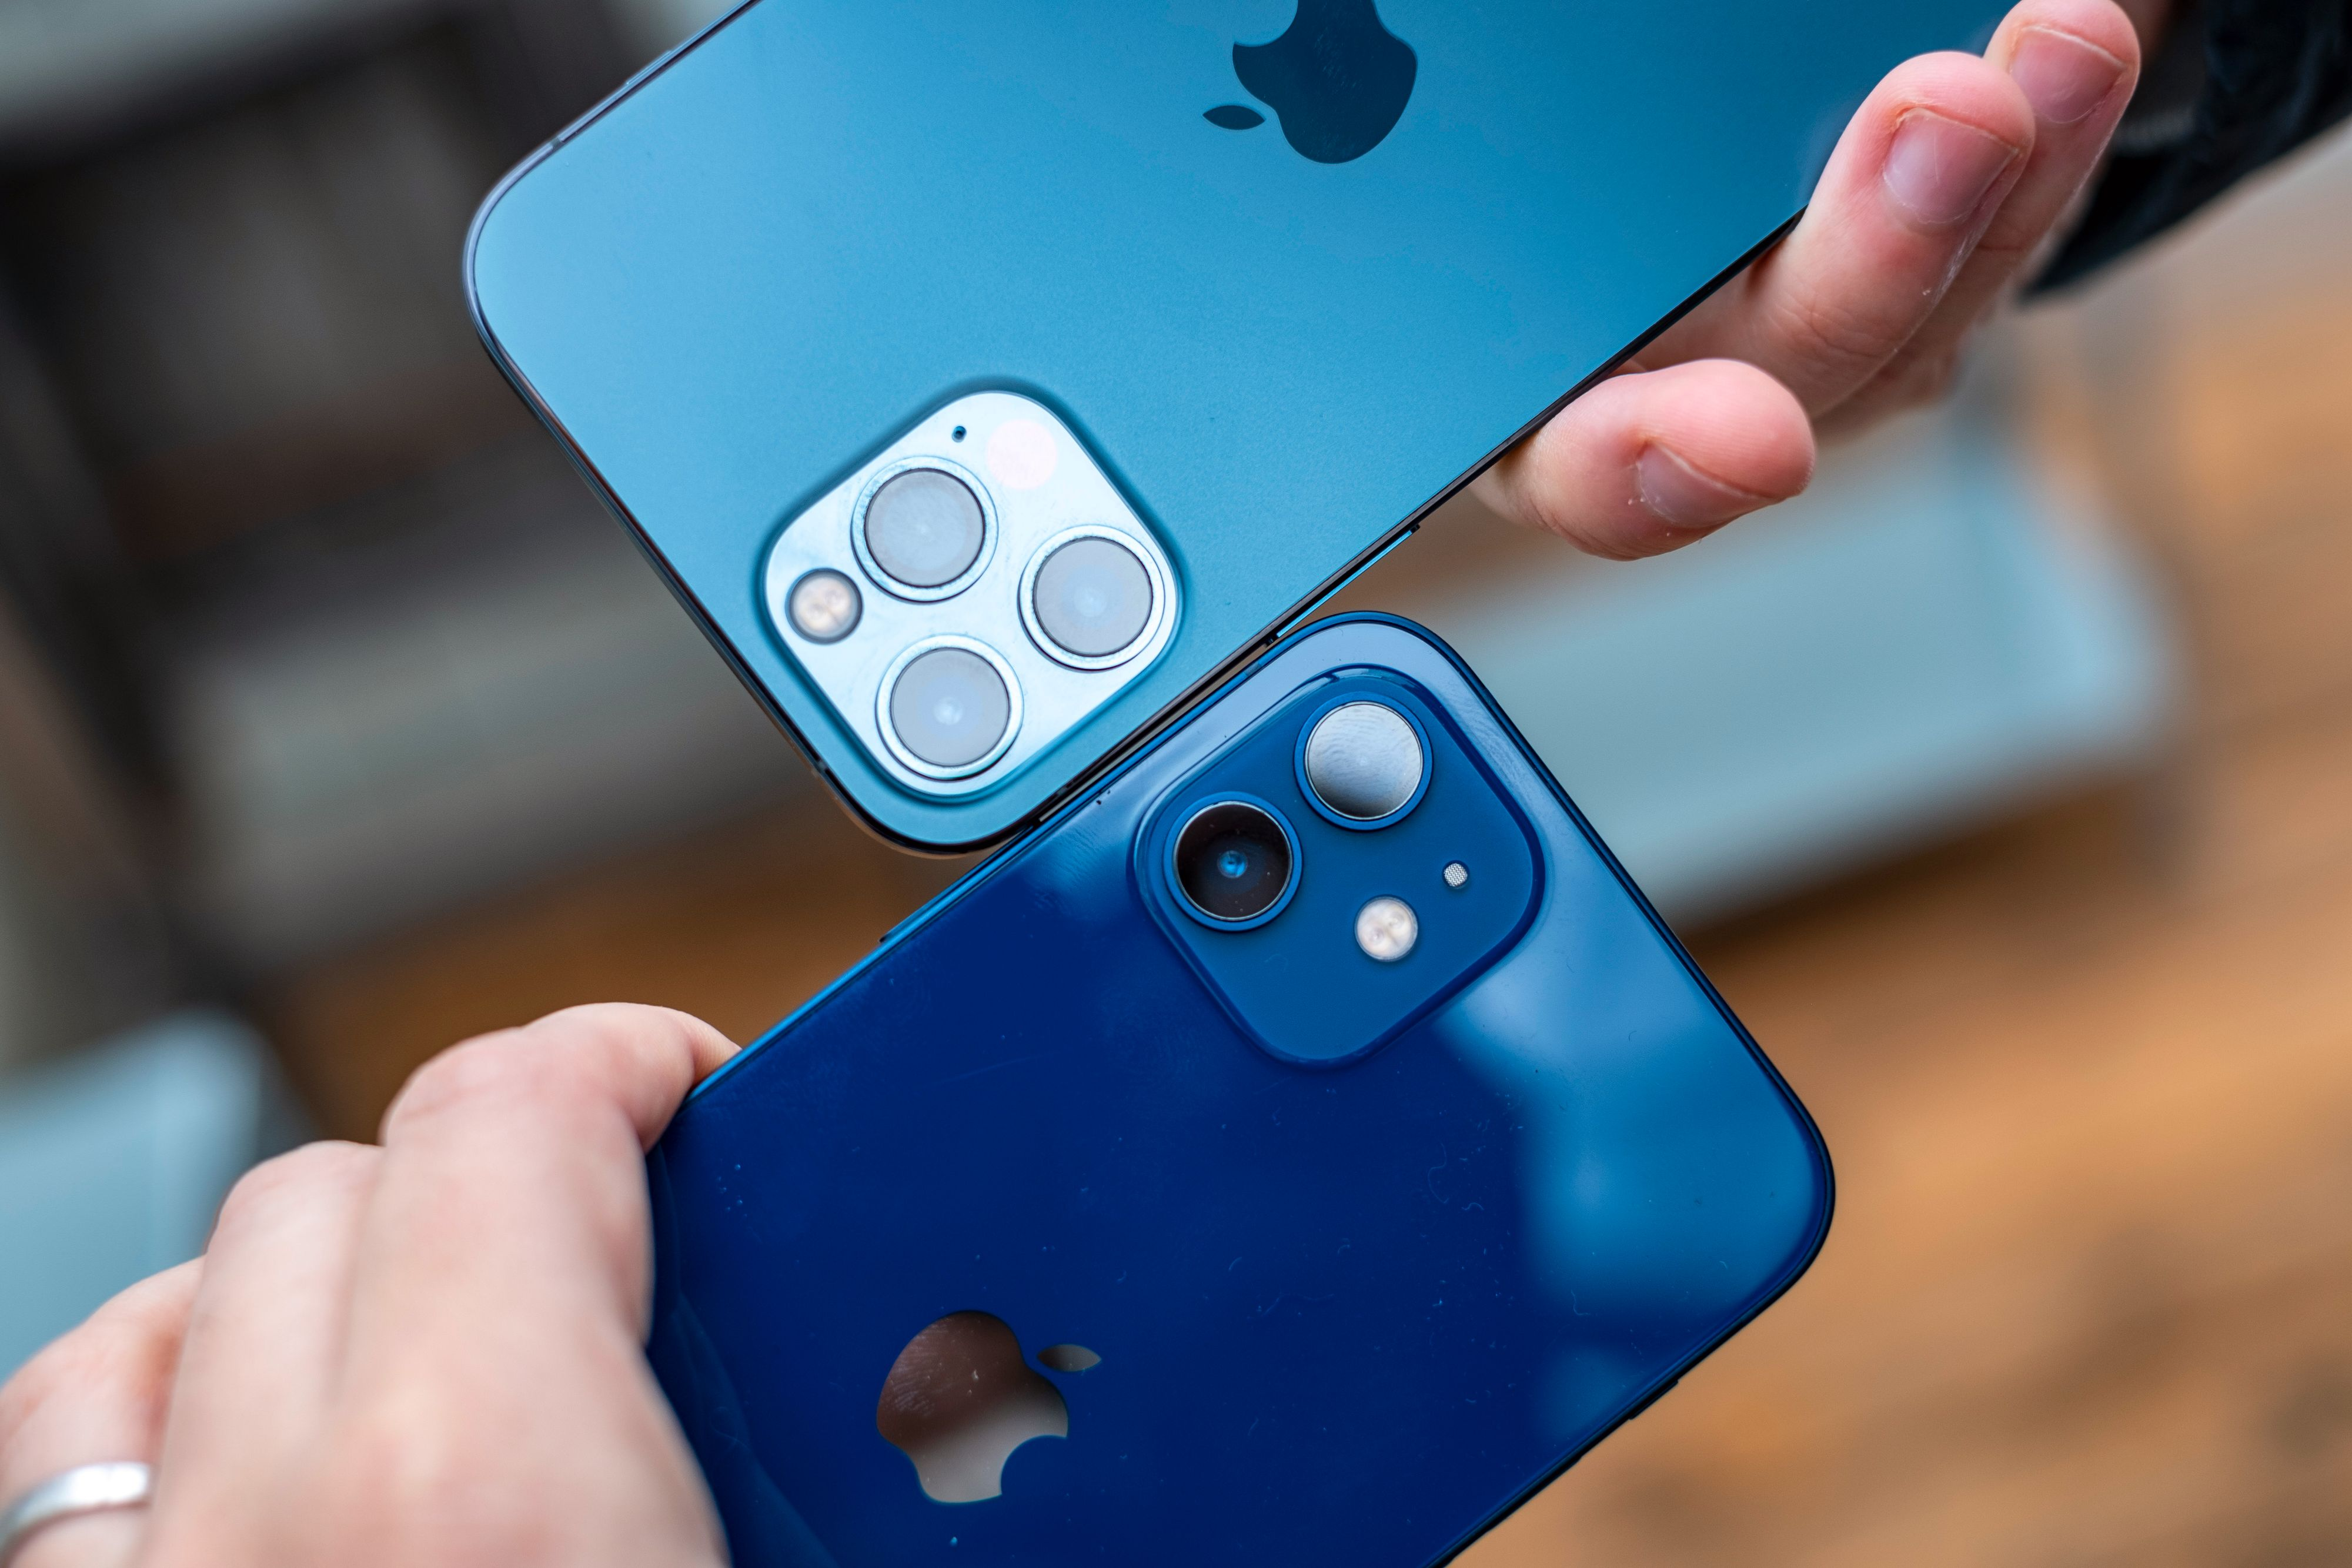 iPhone 12 Pro har tre kamera, mens iPhone 12 «bare» har to. Zoom-kameraet er ekstra på Pro-versjonen, mens begge har vanlig vidvinkel og ultravidvinkel.